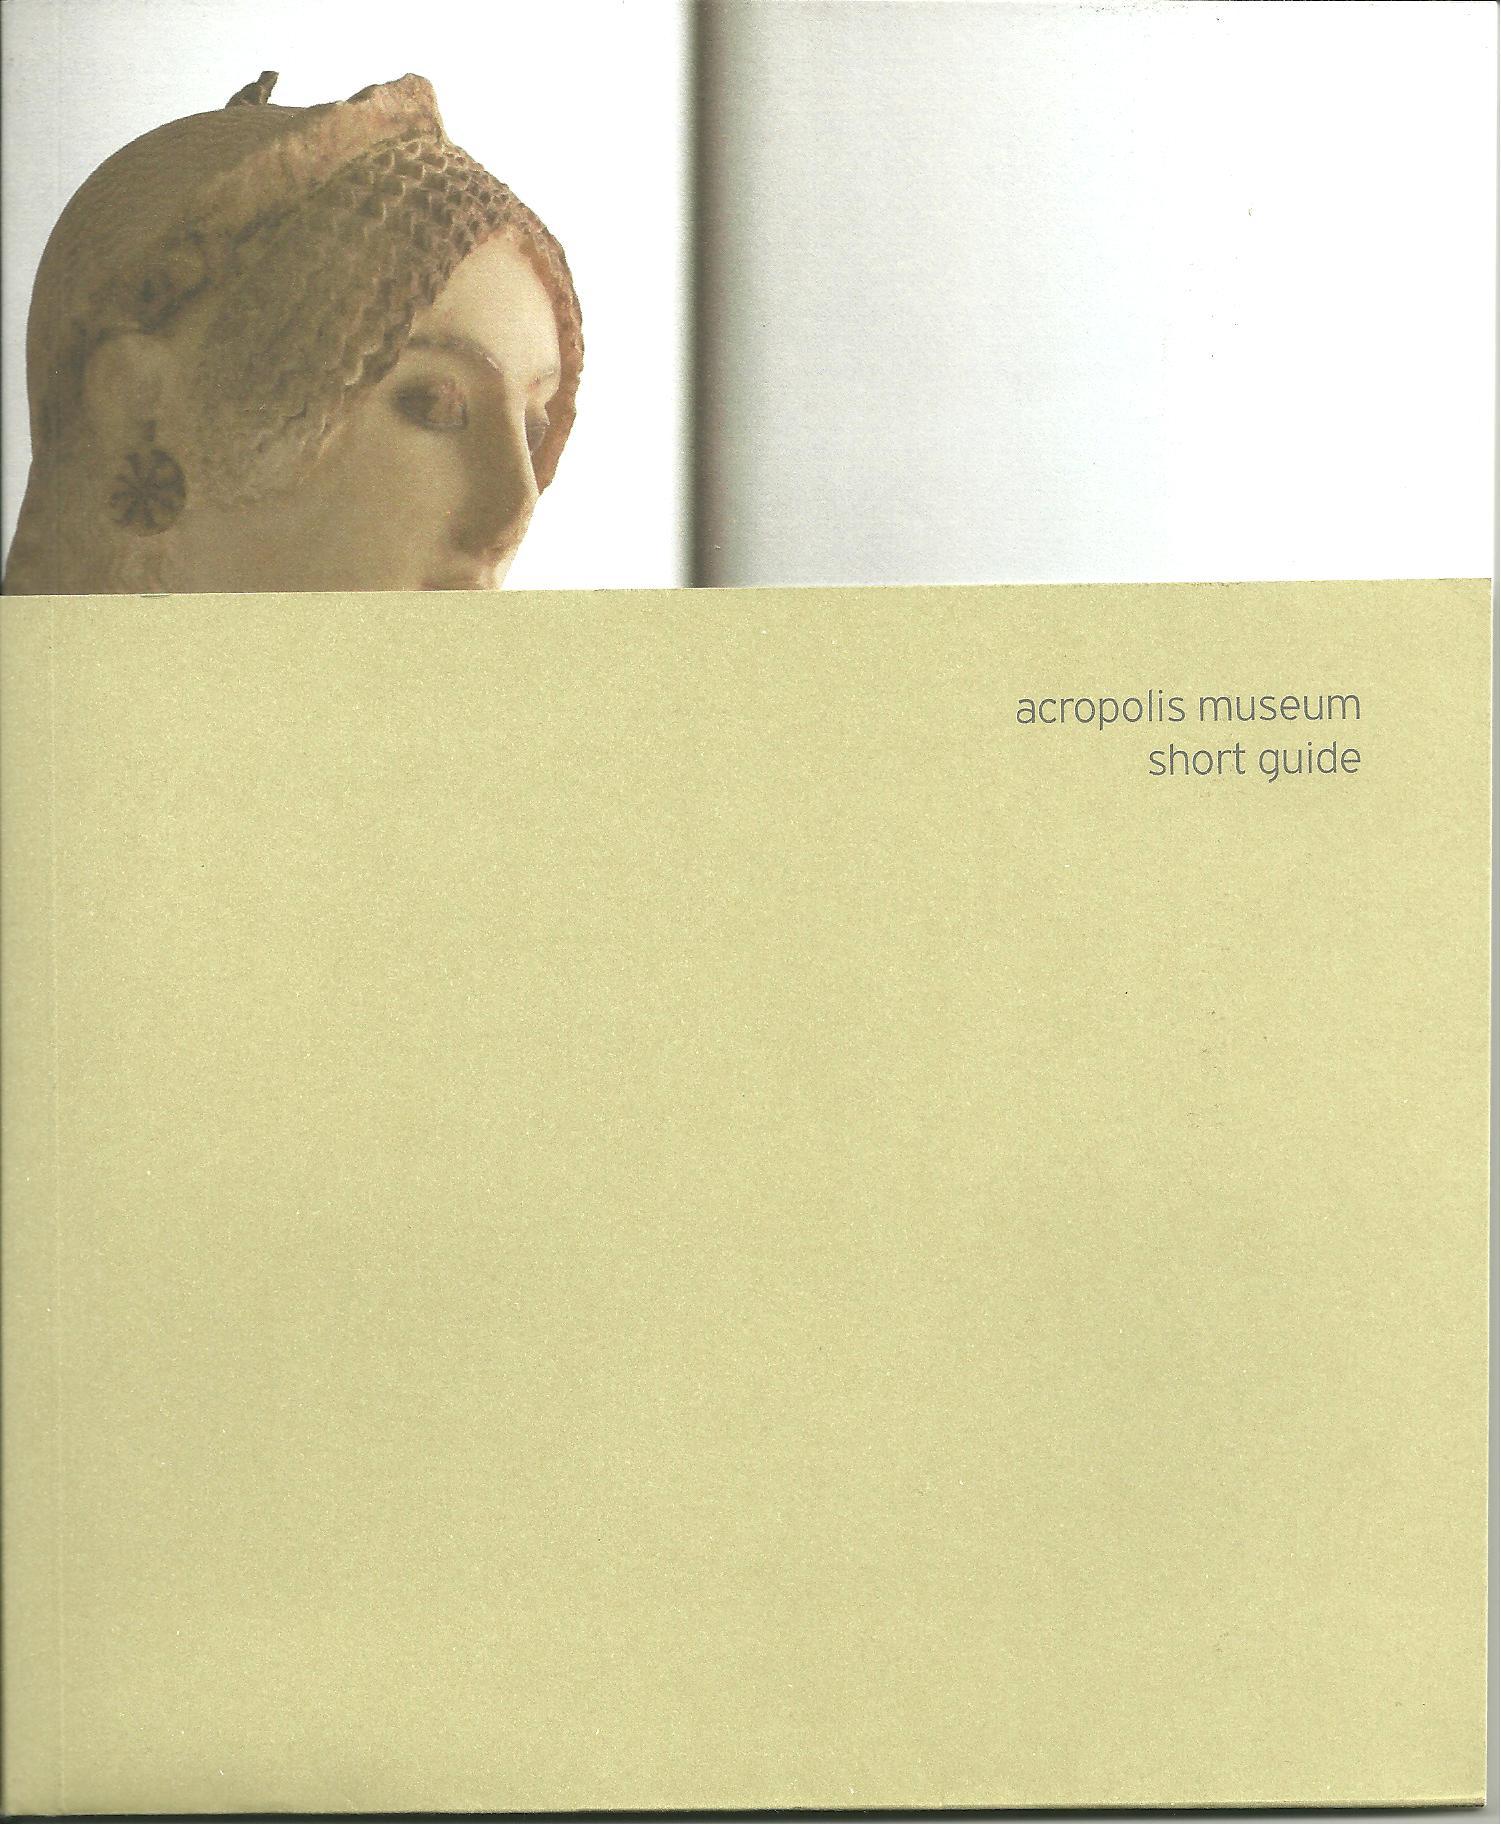 Acropolis Museum: Short Guide